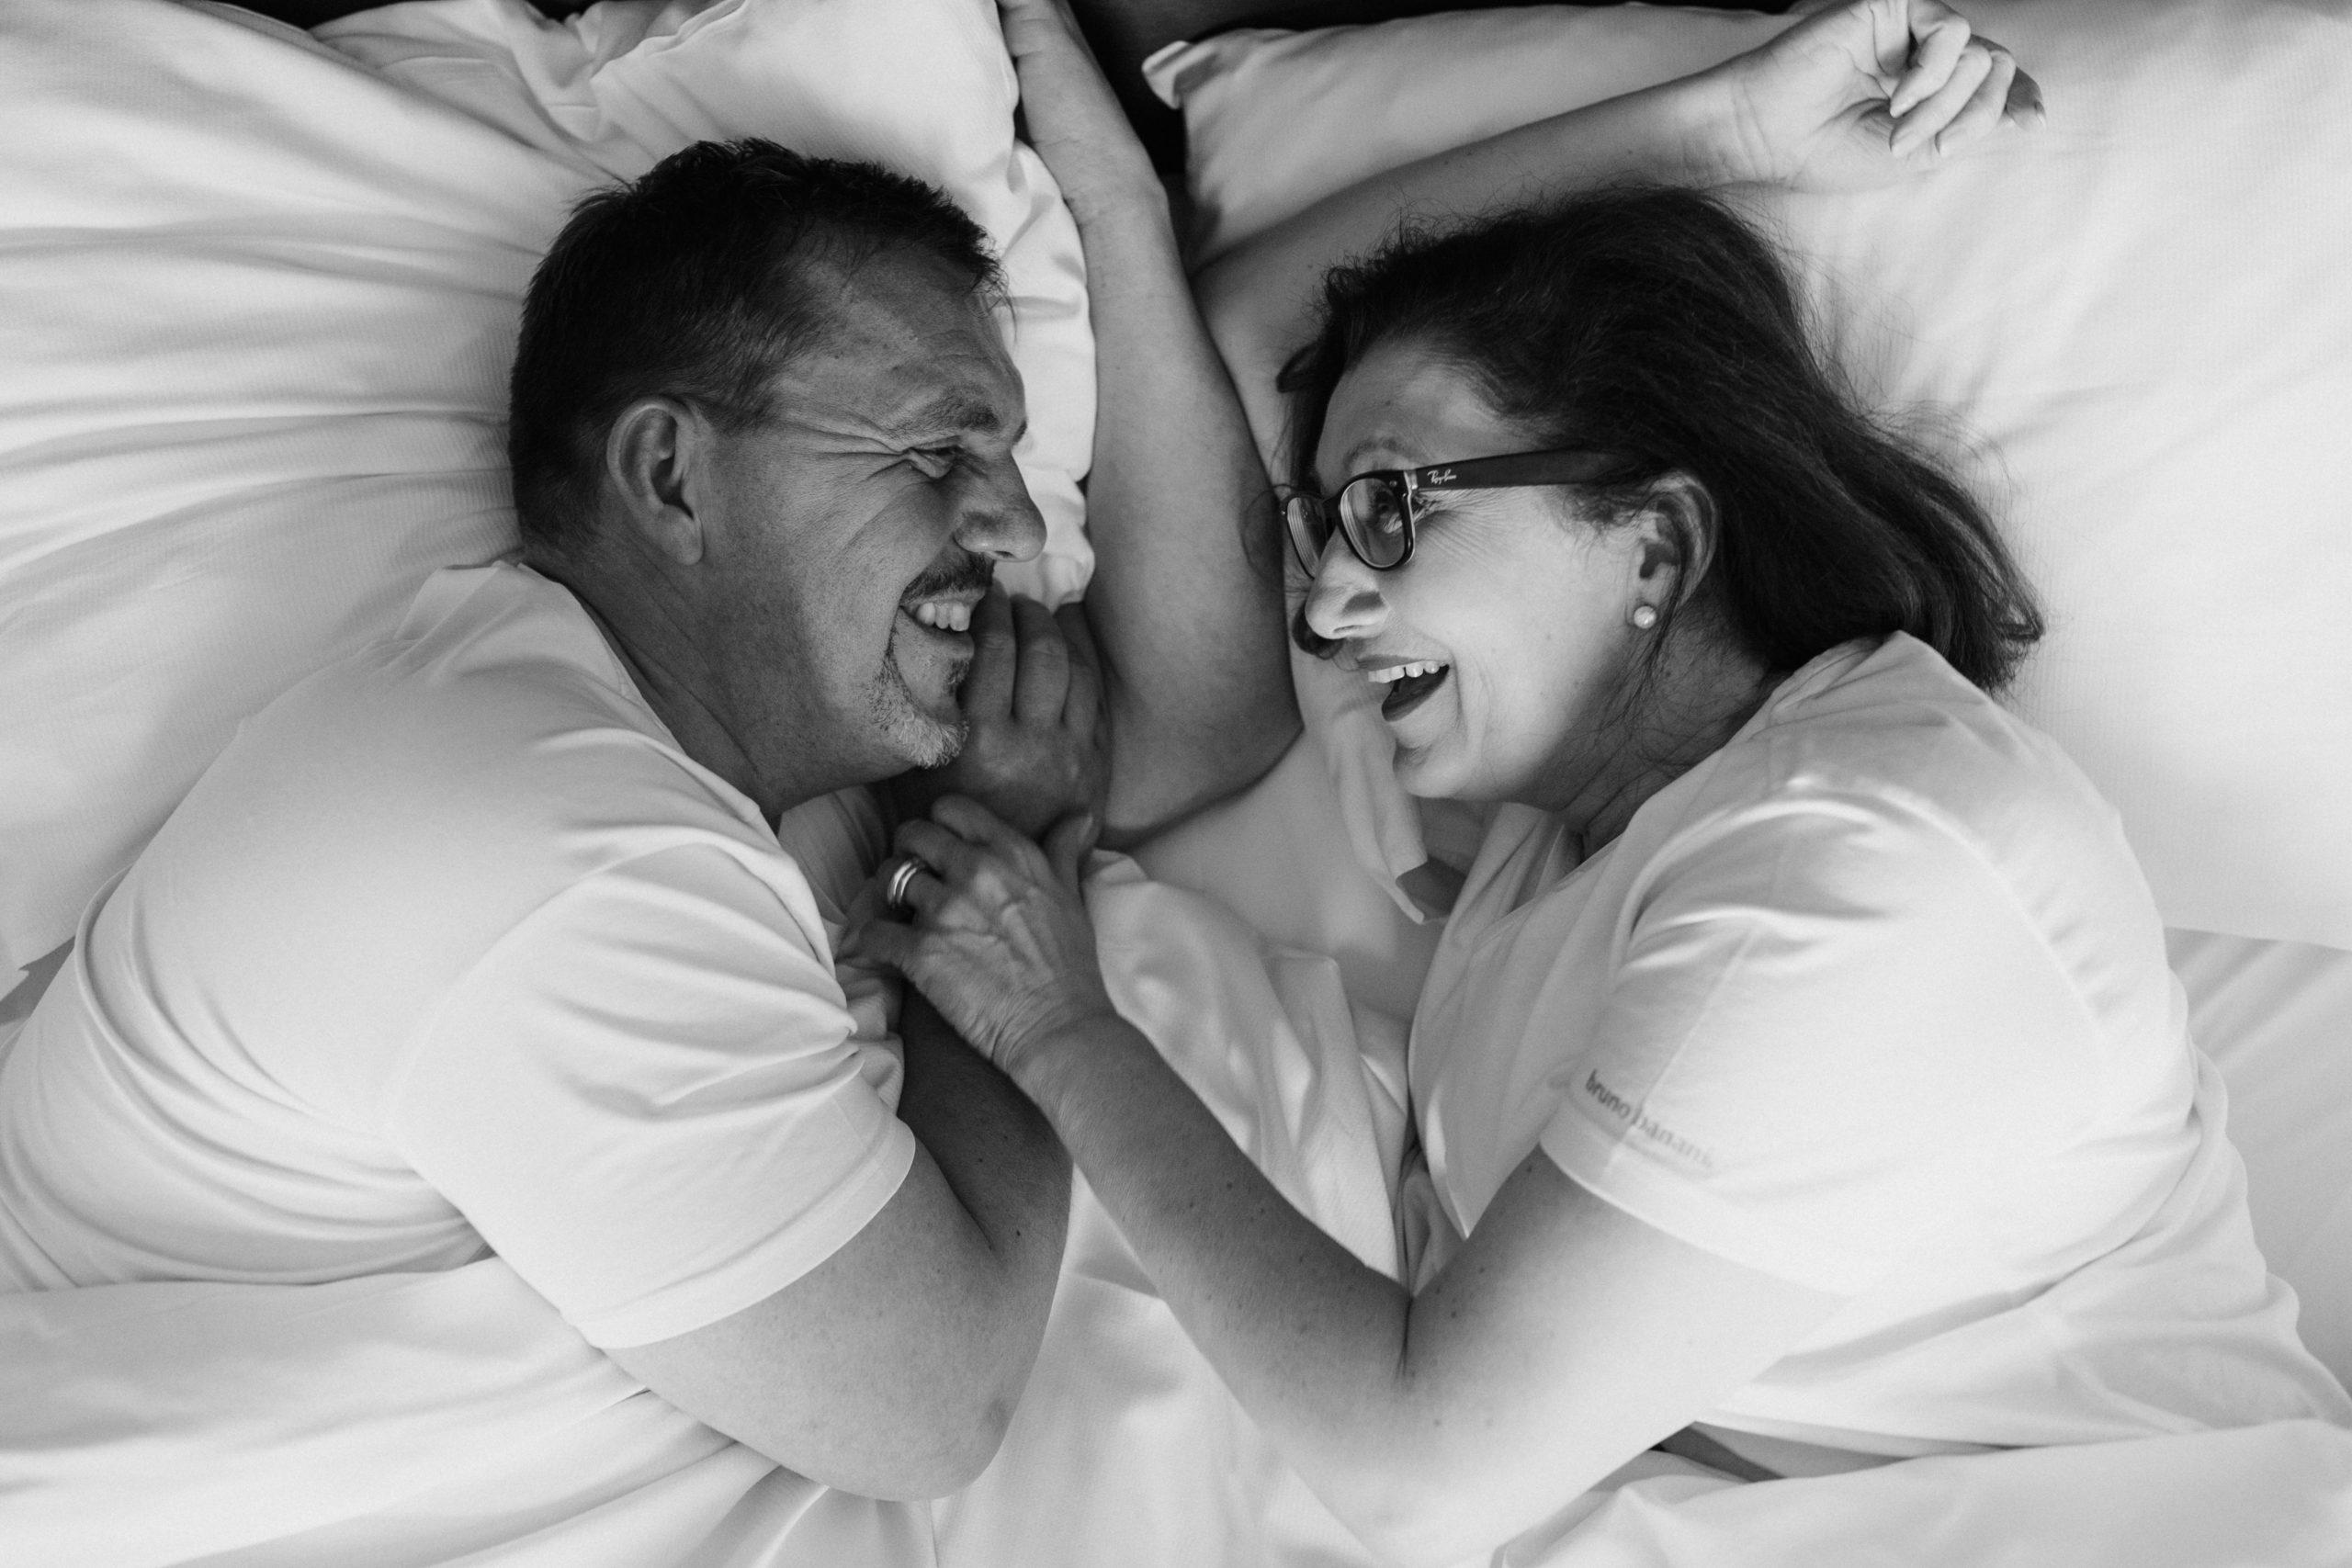 Die Liebe und die Partnerschaft